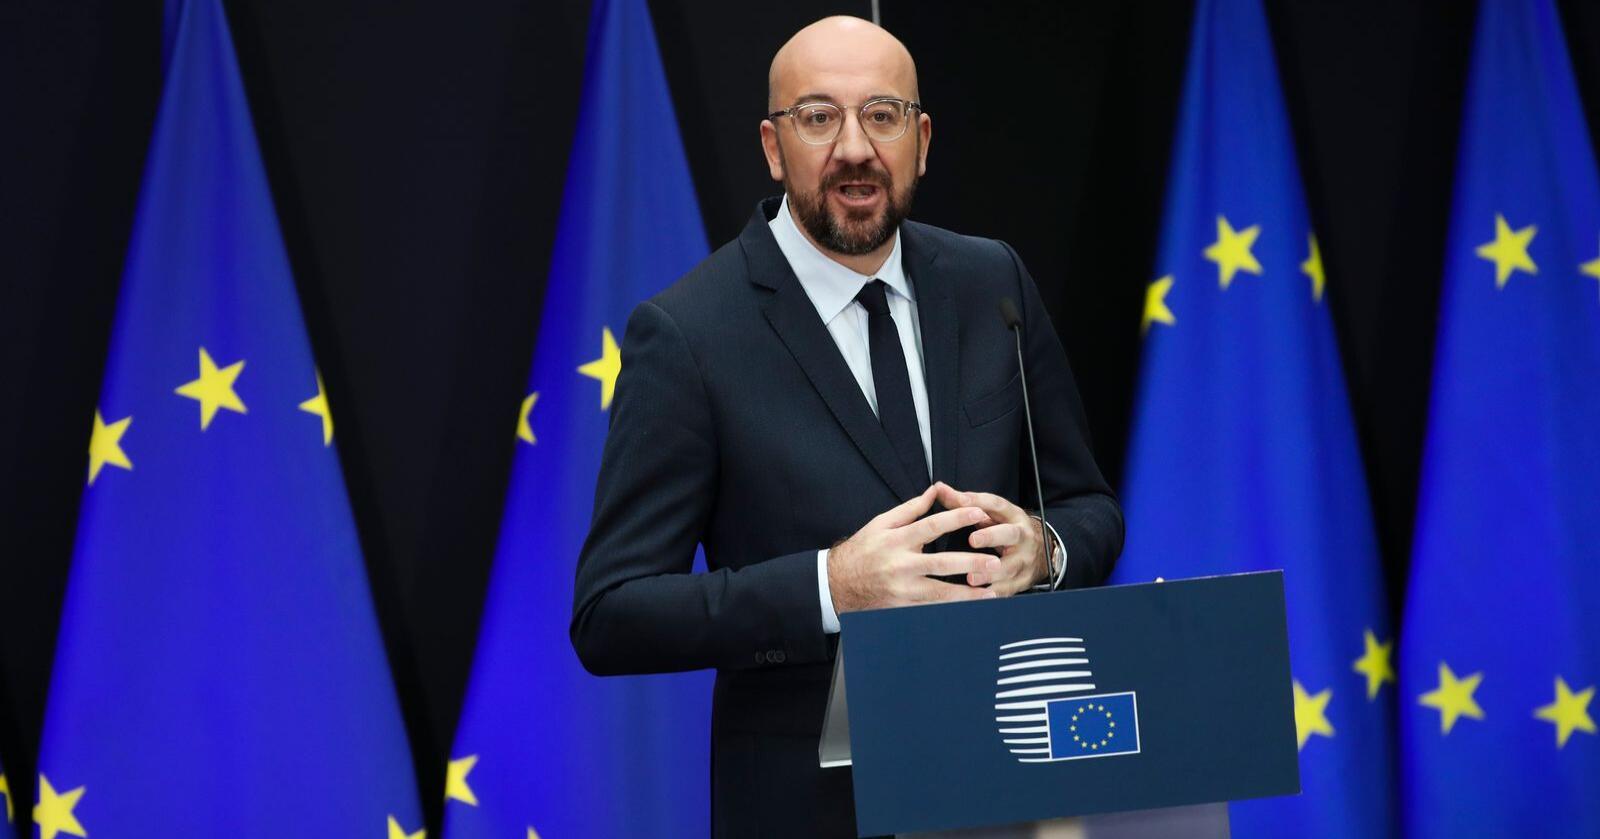 Charles Michel har bare vært EU-president i halvannen uke. Torsdag og fredag leder han sitt første toppmøte. Arkivfoto: Francisco Seco / AP / NTB scanpix